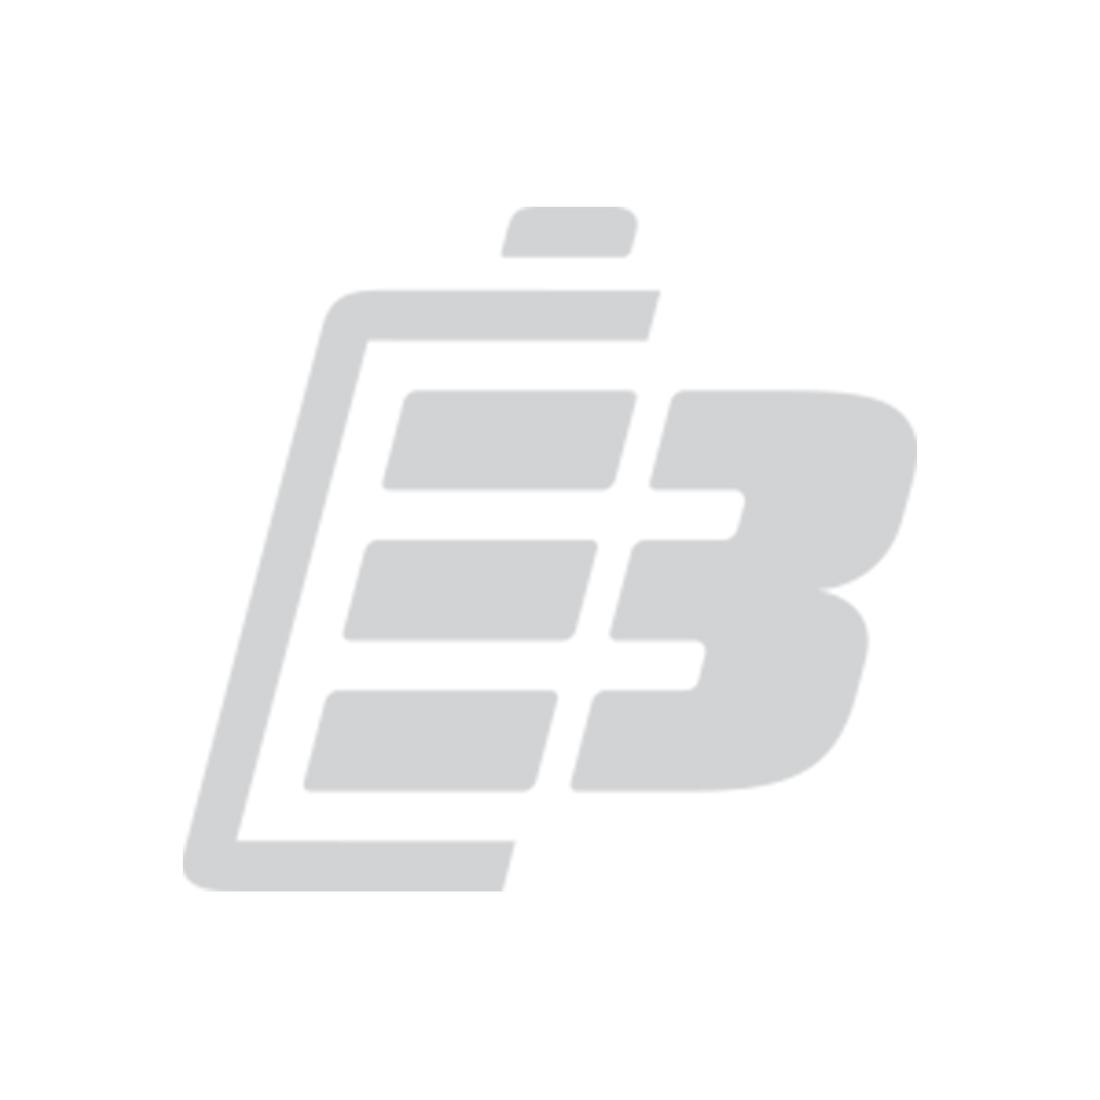 Two-Way radio battery Kenwood PB-13_1